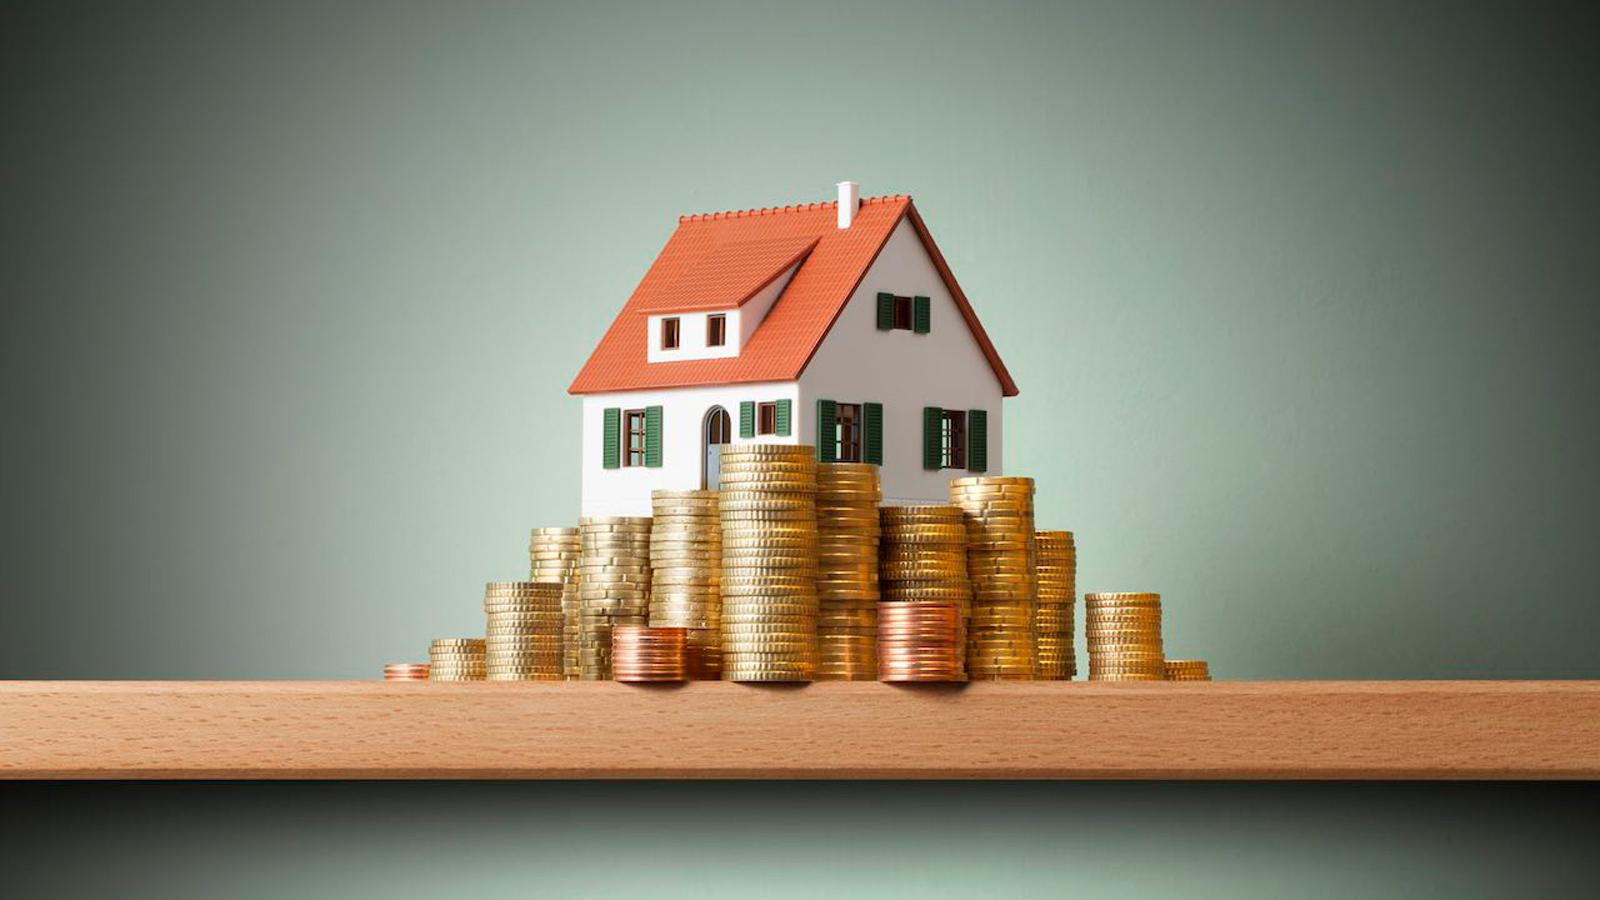 کدام معاملات املاک از پرداخت مالیات بر عایدی سرمایه معاف هستند؟